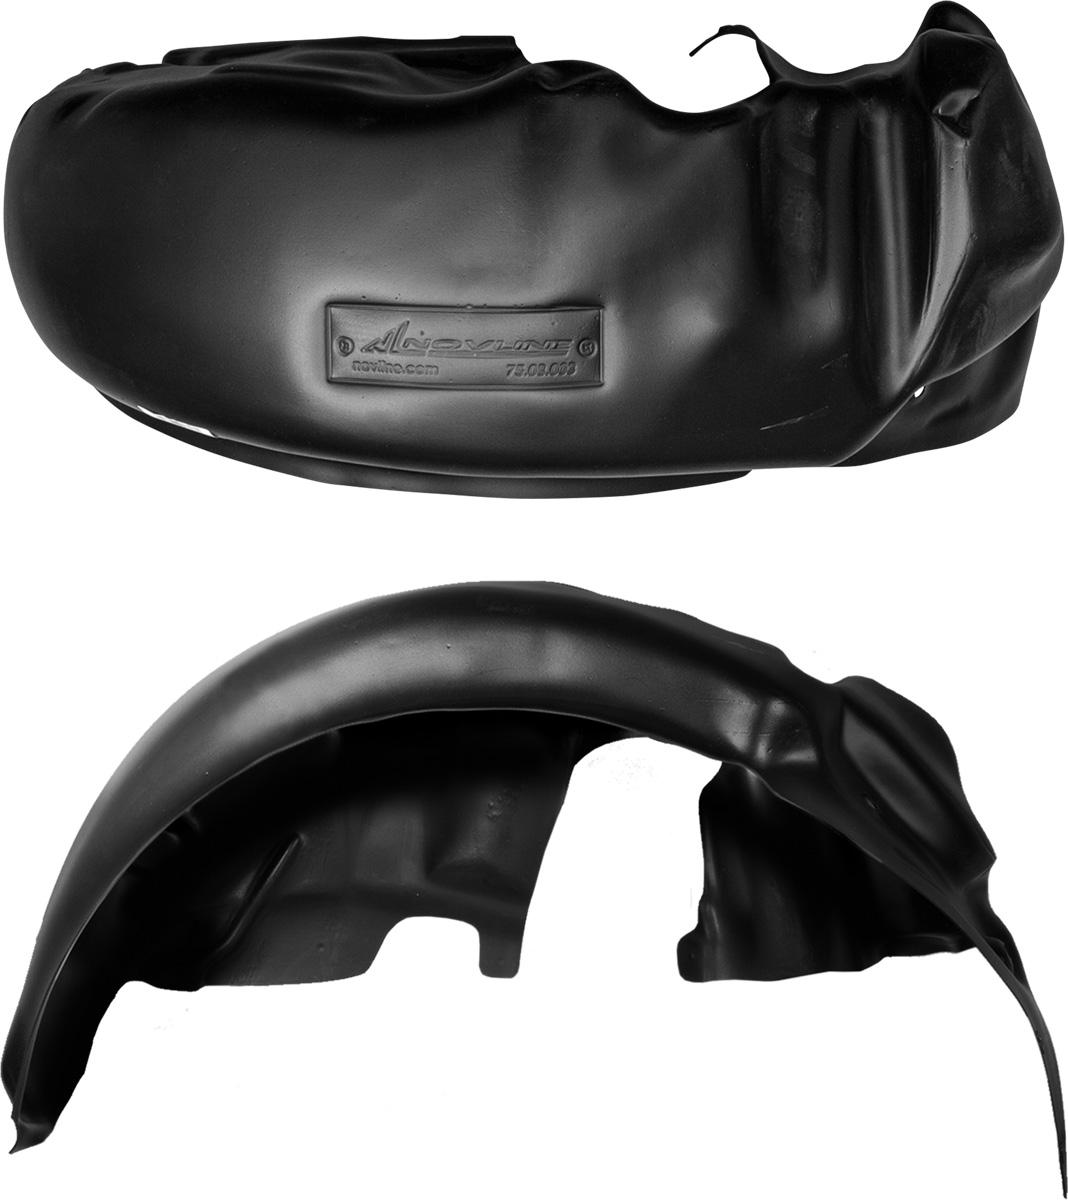 Подкрылок Novline-Autofamily, для Mitsubishi Pajero Sport, 2008->, передний левыйCA-3505Колесные ниши - одни из самых уязвимых зон днища вашего автомобиля. Они постоянно подвергаются воздействию со стороны дороги. Лучшая, почти абсолютная защита для них - специально отформованные пластиковые кожухи, которые называются подкрылками. Производятся они как для отечественных моделей автомобилей, так и для иномарок. Подкрылки Novline-Autofamily выполнены из высококачественного, экологически чистого пластика. Обеспечивают надежную защиту кузова автомобиля от пескоструйного эффекта и негативного влияния, агрессивных антигололедных реагентов. Пластик обладает более низкой теплопроводностью, чем металл, поэтому в зимний период эксплуатации использование пластиковых подкрылков позволяет лучше защитить колесные ниши от налипания снега и образования наледи. Оригинальность конструкции подчеркивает элегантность автомобиля, бережно защищает нанесенное на днище кузова антикоррозийное покрытие и позволяет осуществить крепление подкрылков внутри колесной арки практически без дополнительного крепежа и сверления, не нарушая при этом лакокрасочного покрытия, что предотвращает возникновение новых очагов коррозии. Подкрылки долговечны, обладают высокой прочностью и сохраняют заданную форму, а также все свои физико-механические характеристики в самых тяжелых климатических условиях (от -50°С до +50°С).Уважаемые клиенты!Обращаем ваше внимание, на тот факт, что подкрылок имеет форму, соответствующую модели данного автомобиля. Фото служит для визуального восприятия товара.